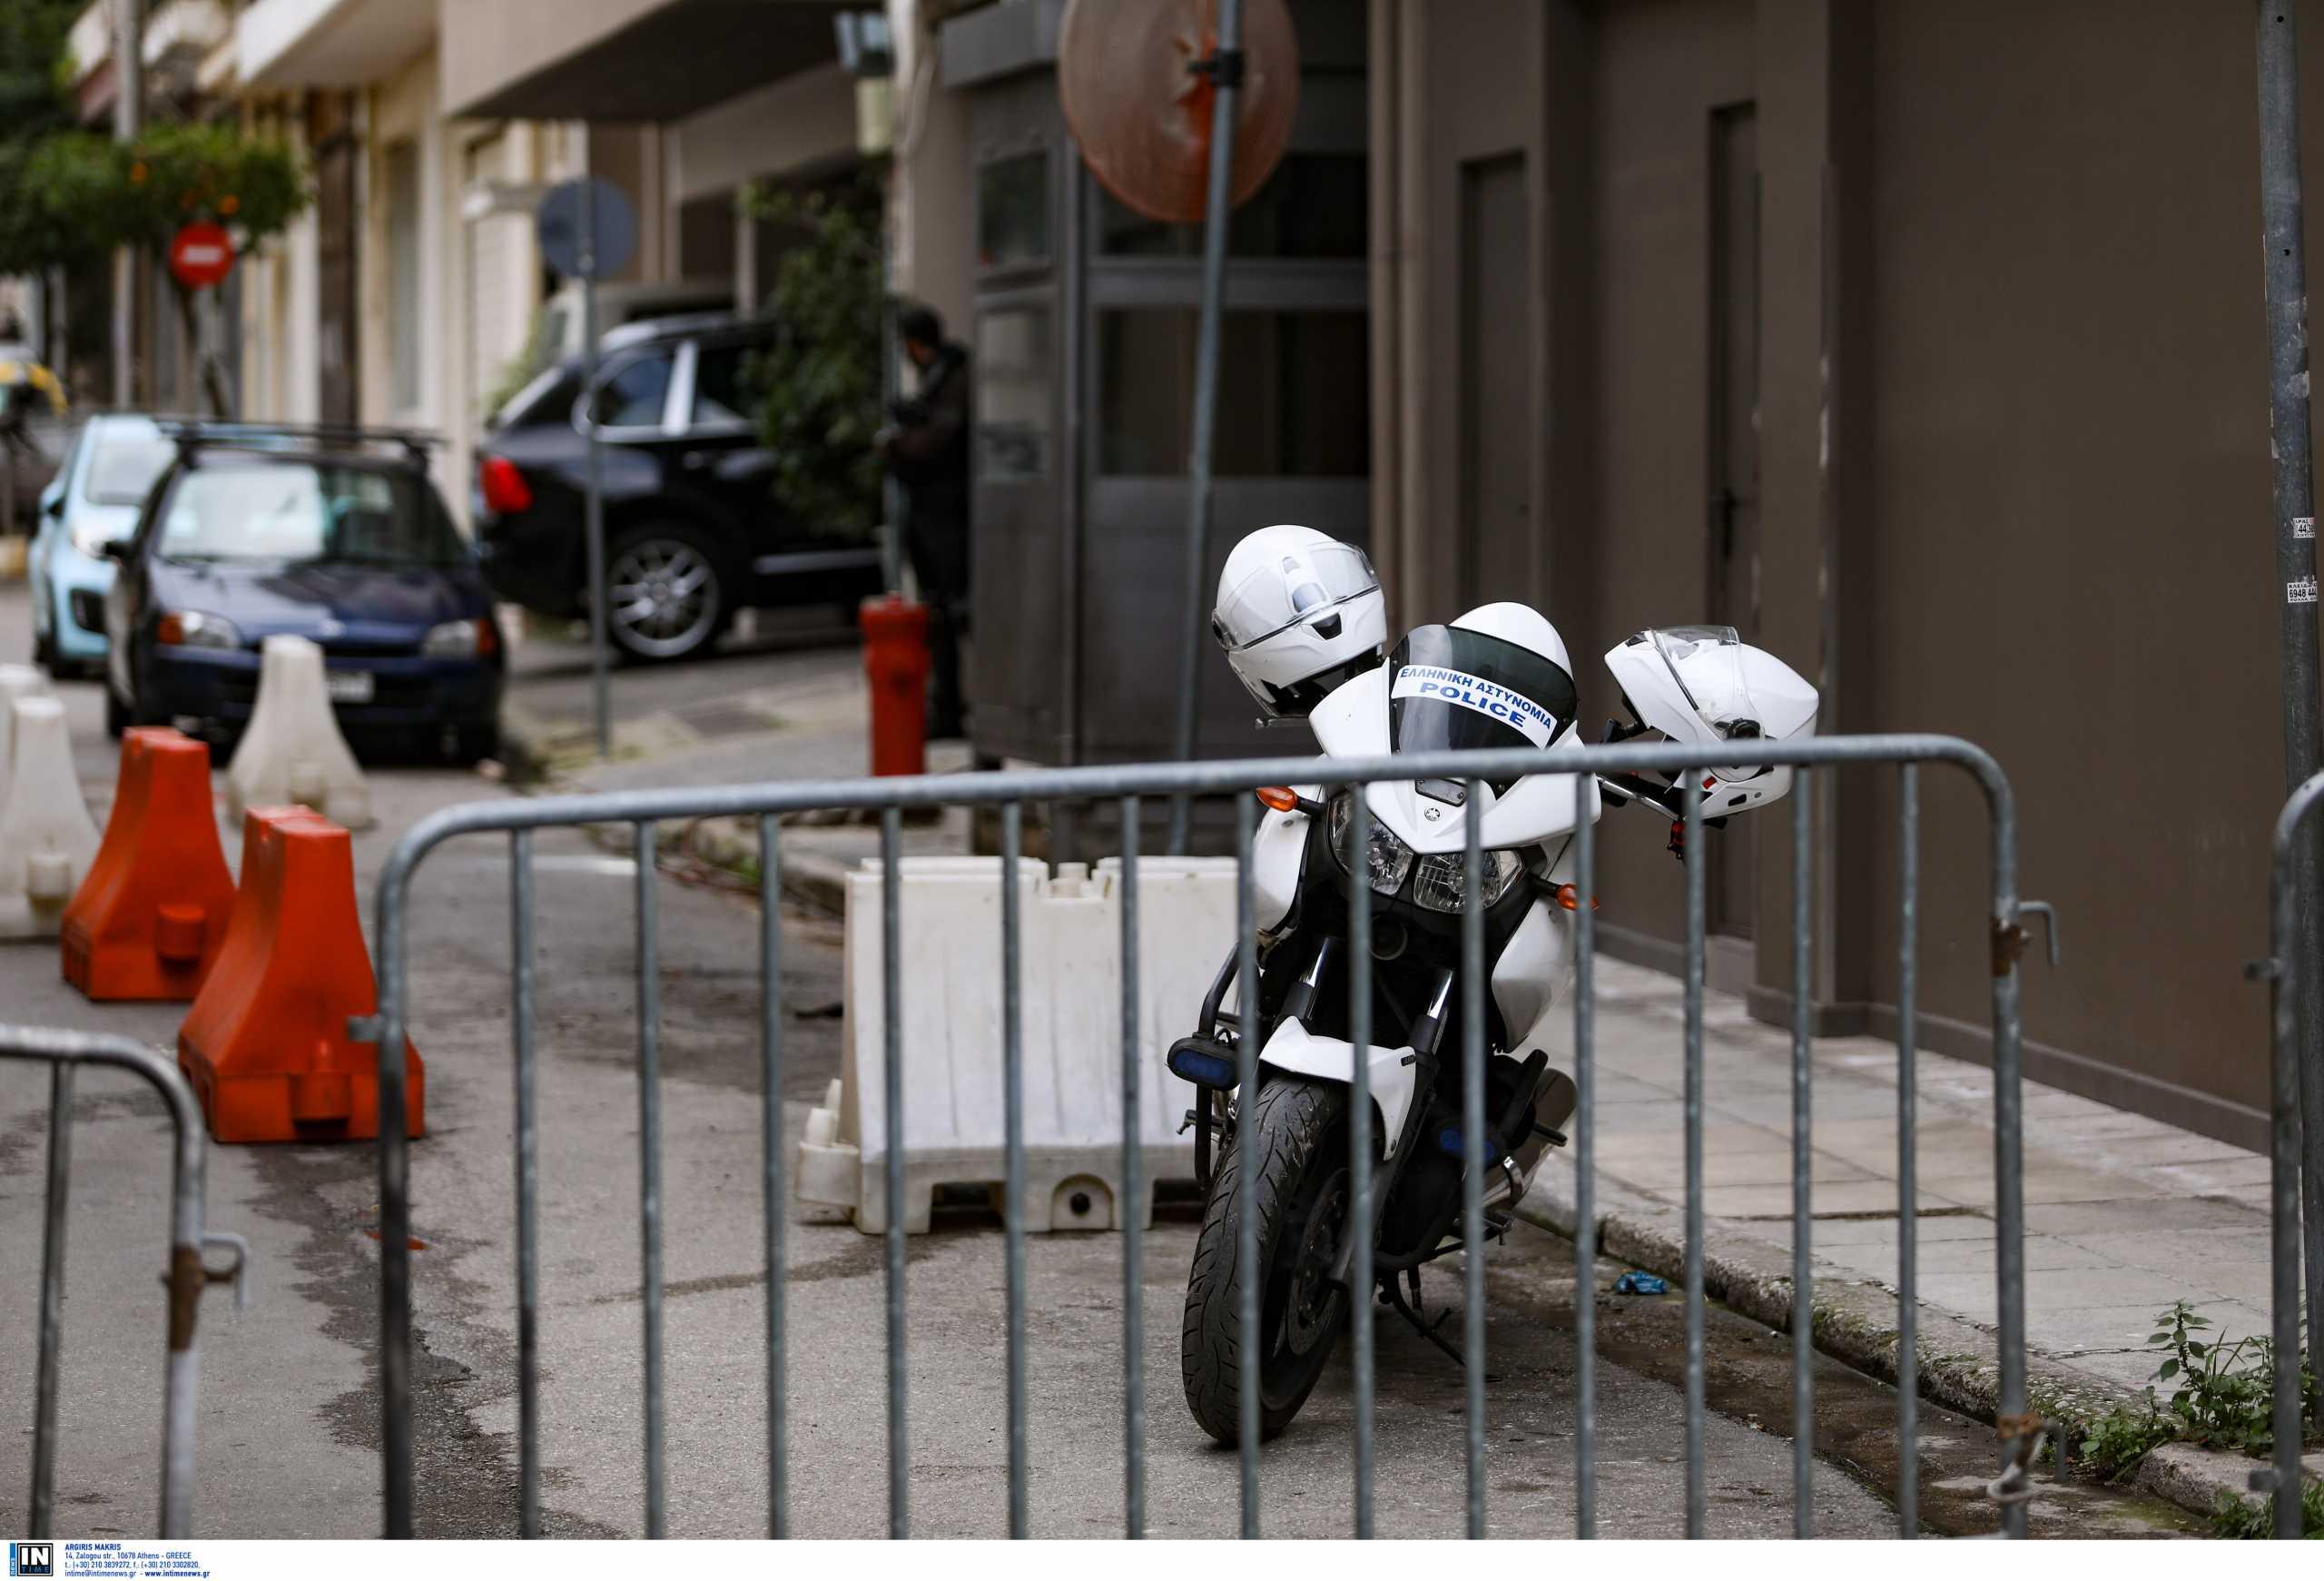 Οι δολοφονίες της Greek Mafia και η δικογραφία της ΕΥΠ – Εισαγγελέας – θύμα βομβιστικής ενέργειας ανέλαβε την έρευνα